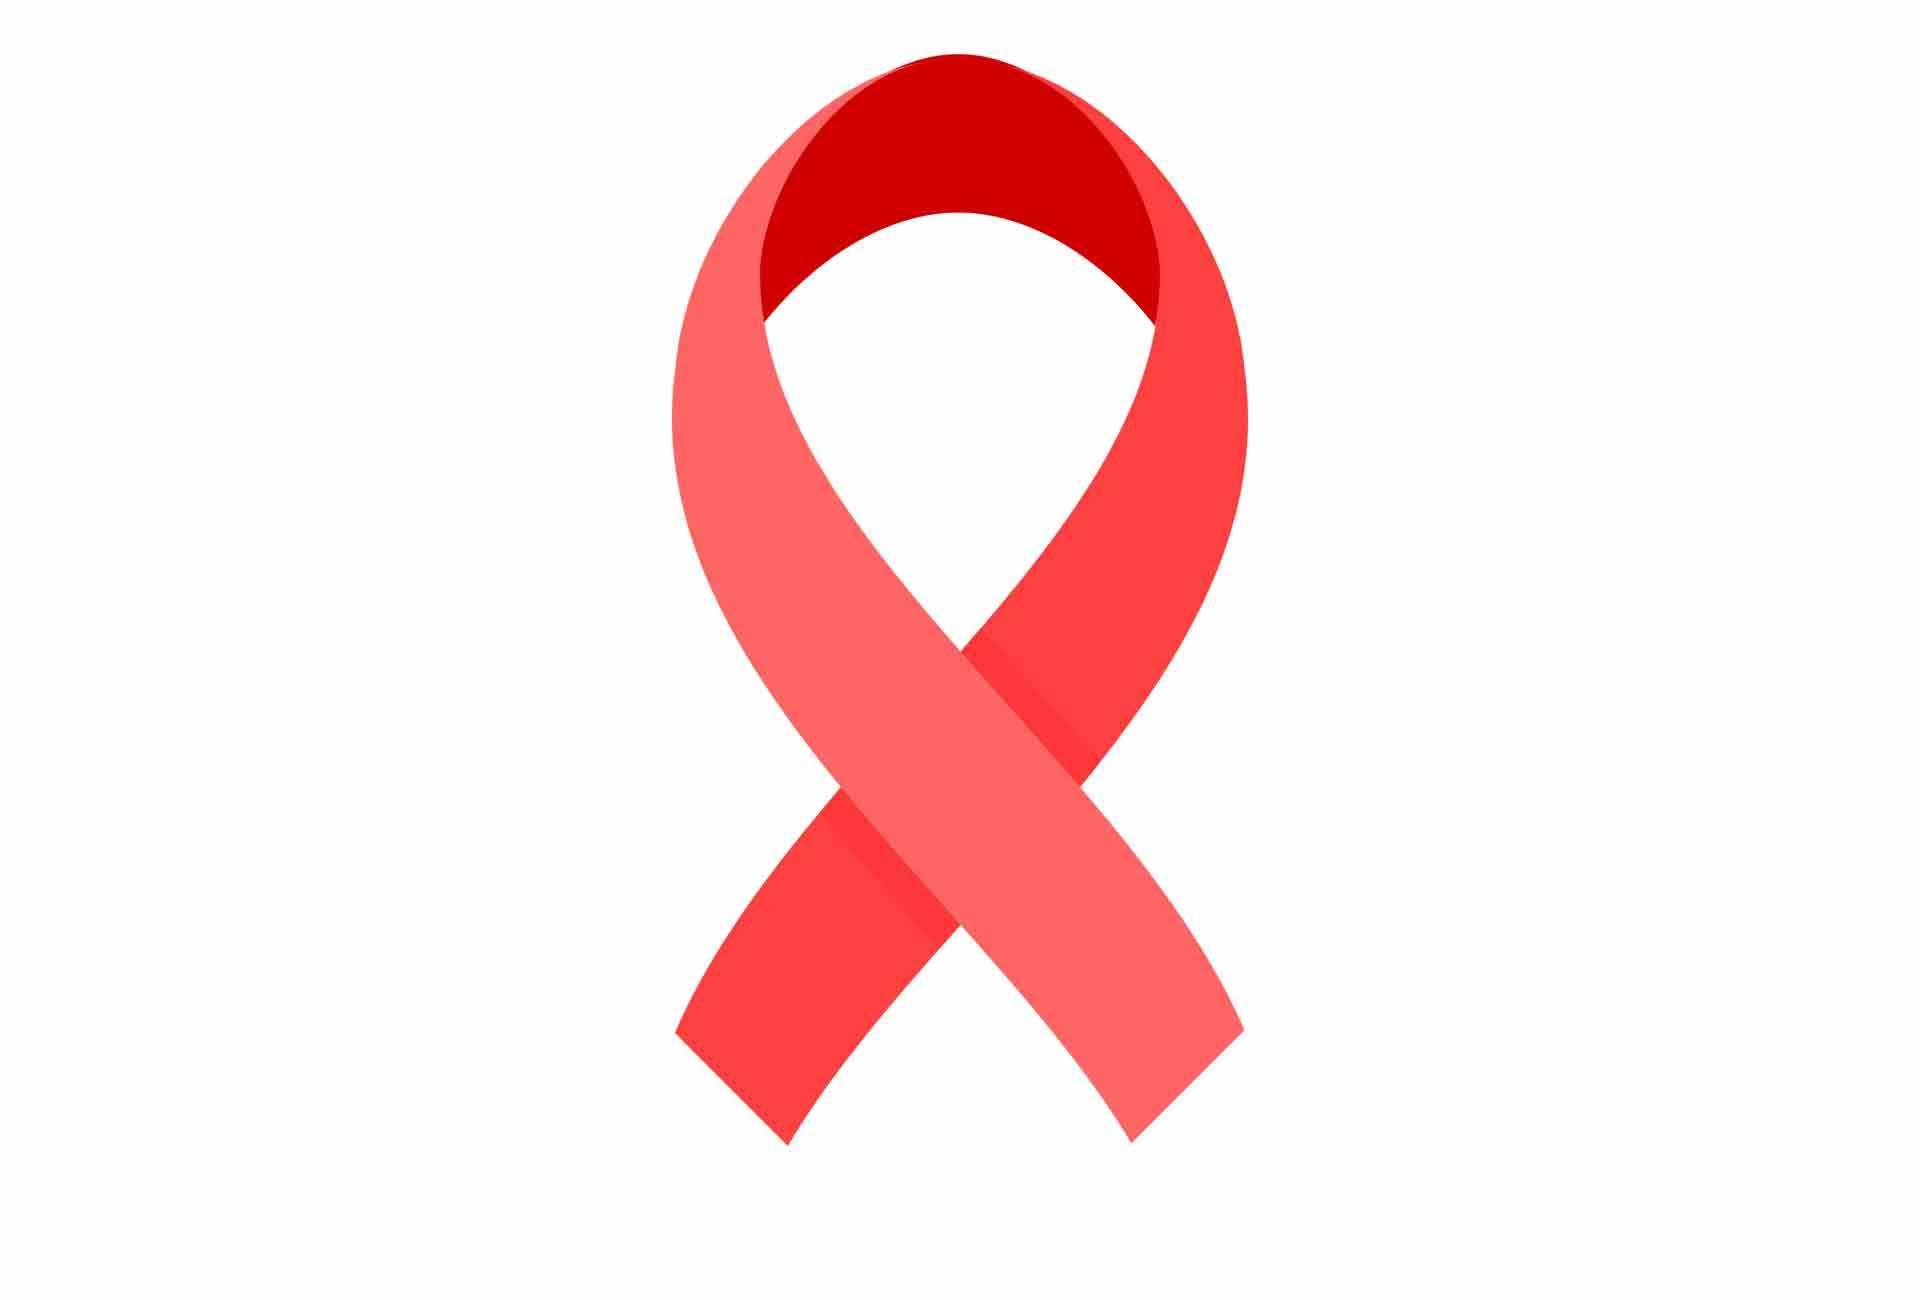 Meine unheilbare Krankheit Brustkrebs